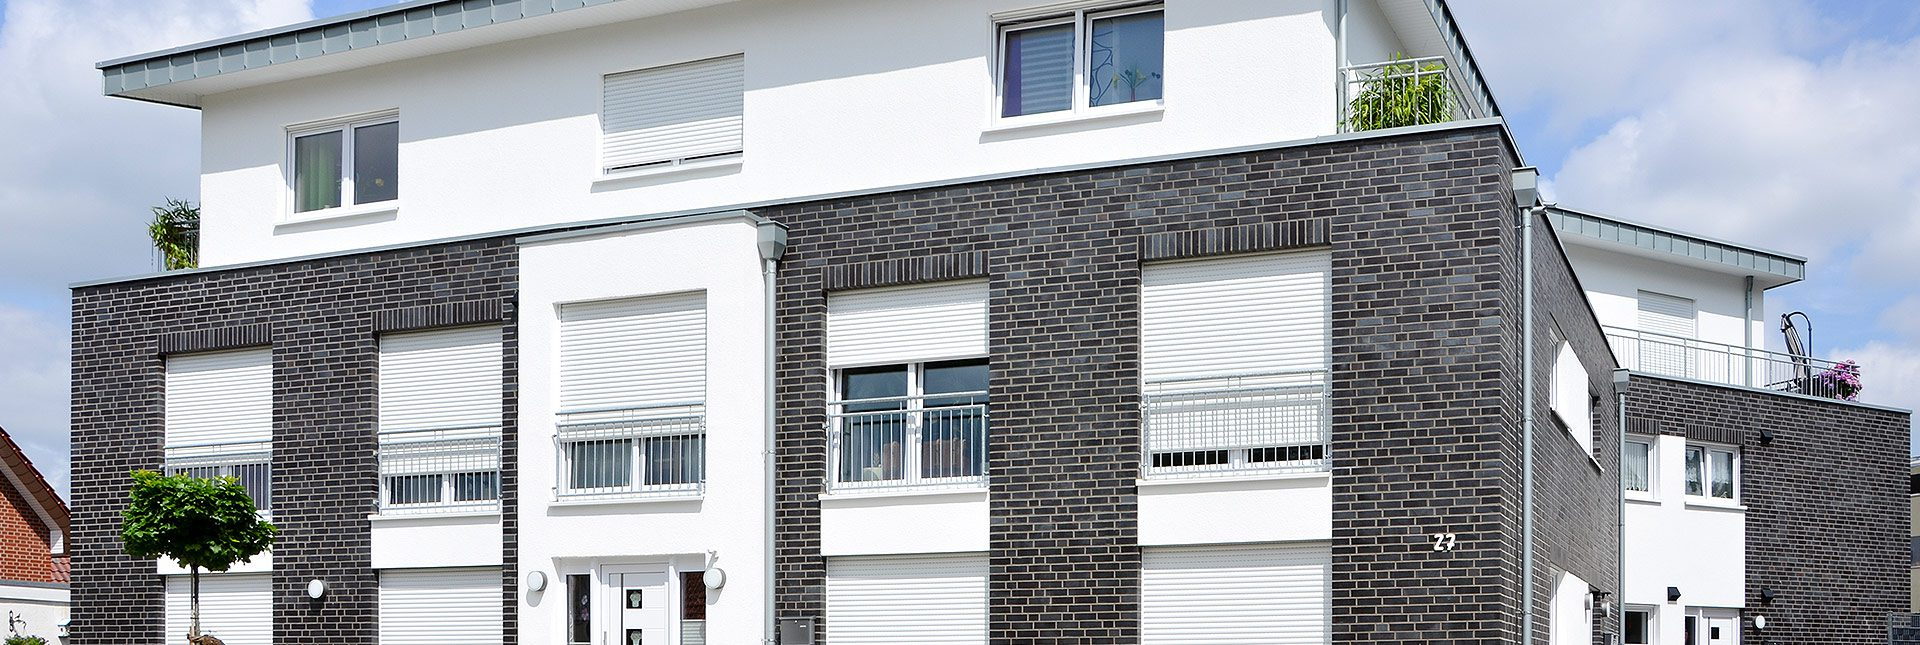 Ro-Ge Bau errichtete dieses Mehrfamilienhaus im Zeit- und Kostenplan